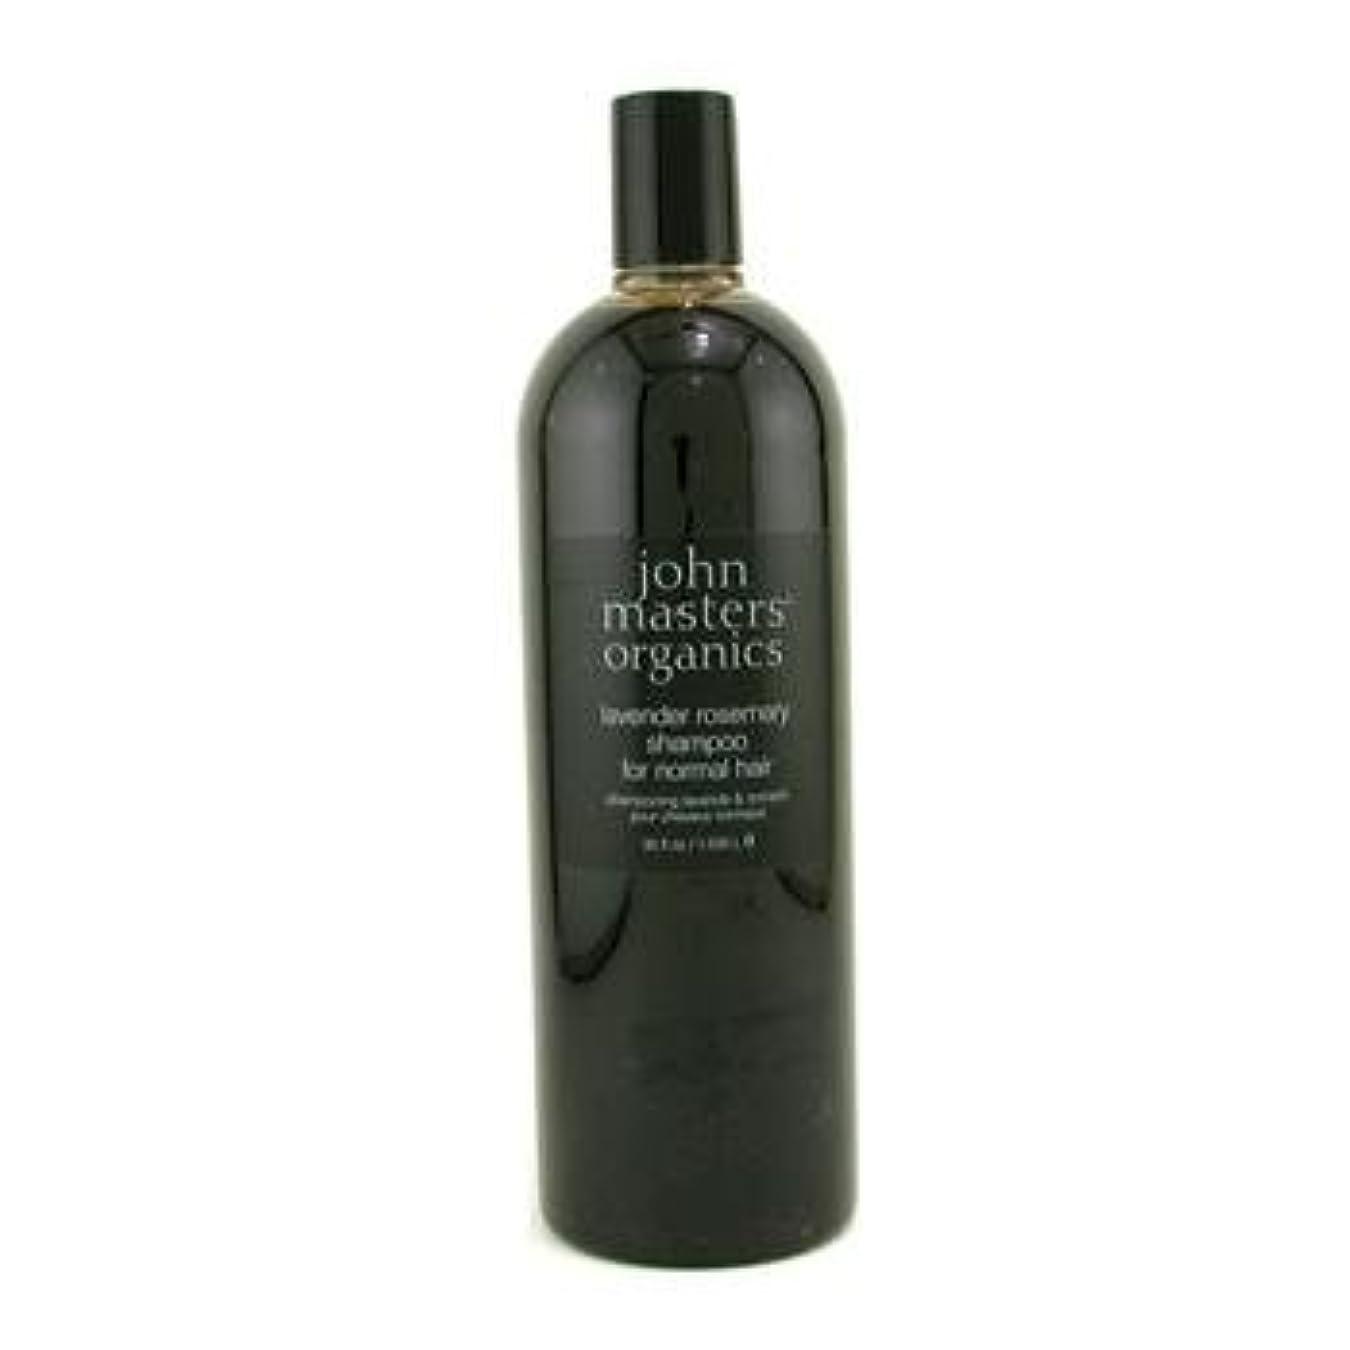 こしょう薬を飲むベンチ[John Masters Organics(ジョン ? マスターズ オーガニック)] ラベンダーのローズマリー シャンプー (通常の髪の) 1035ml/35oz